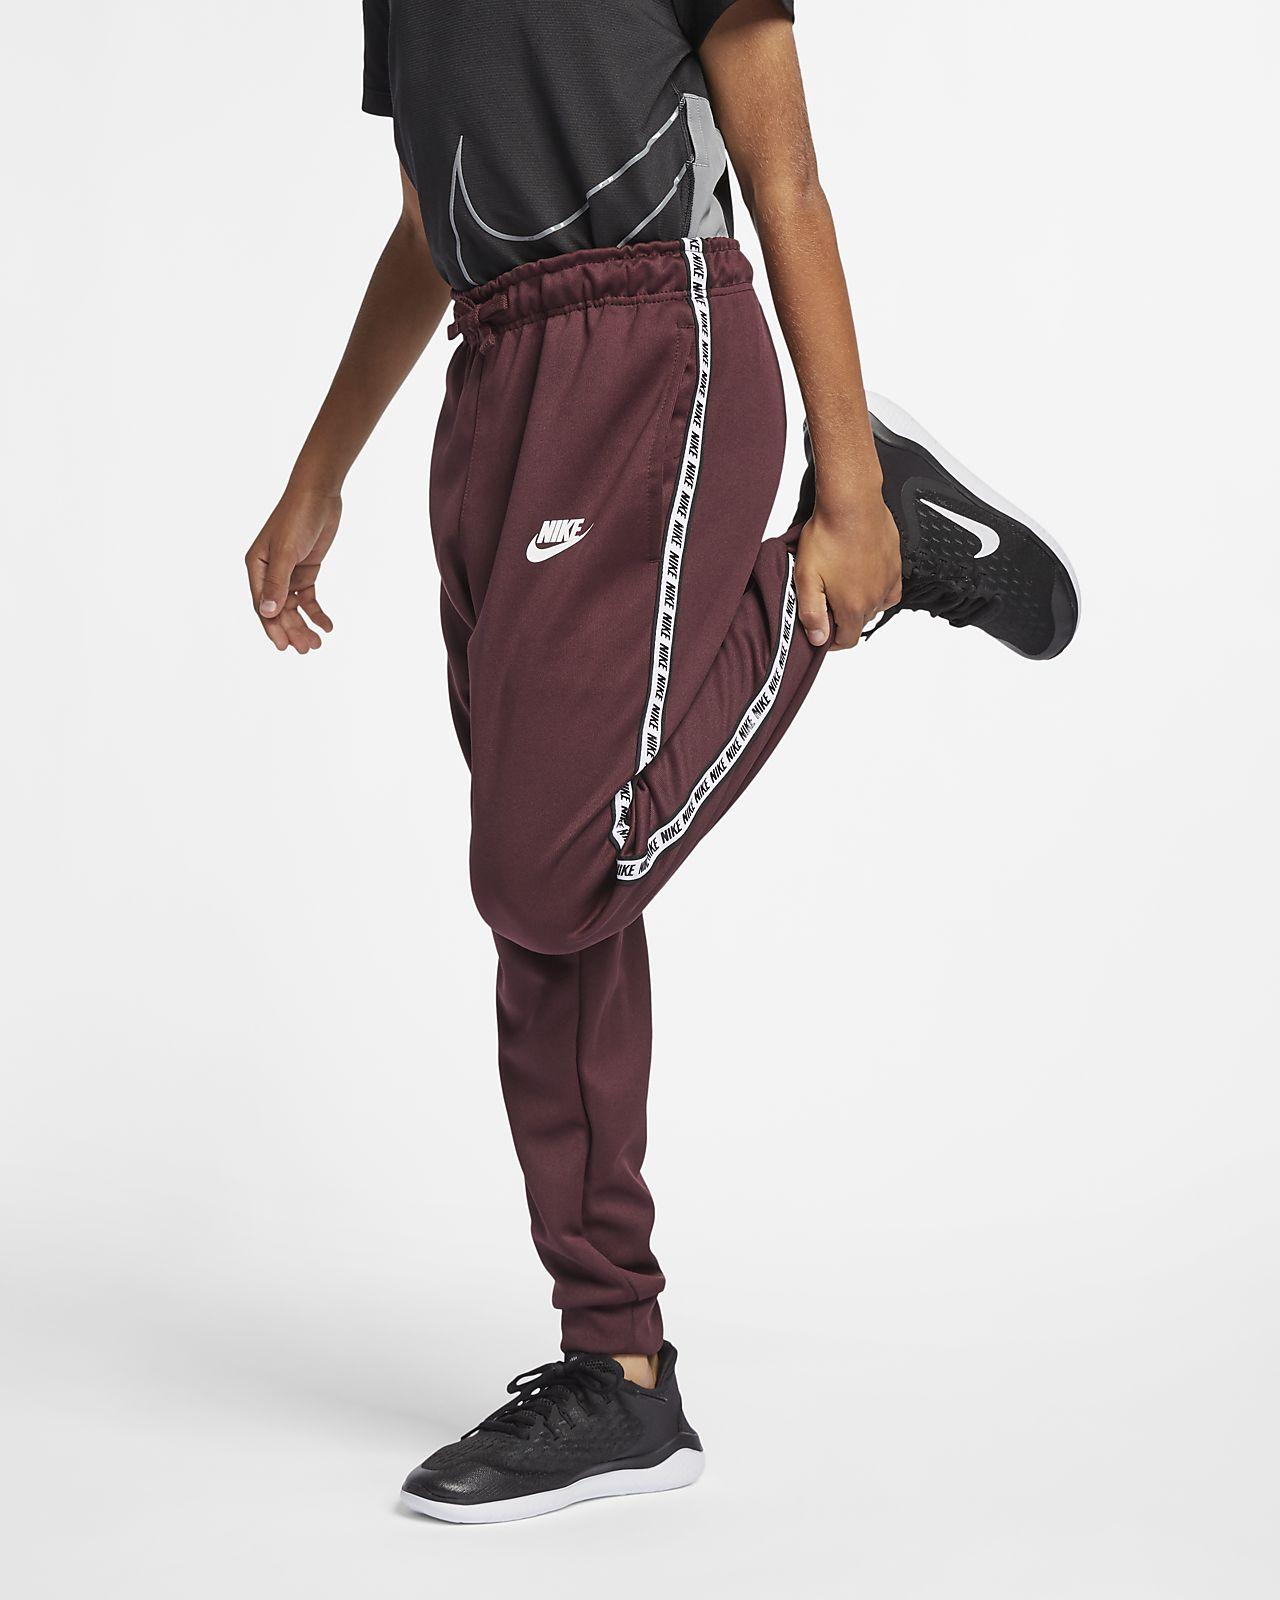 Nike Sportswear Older Kids' Trousers